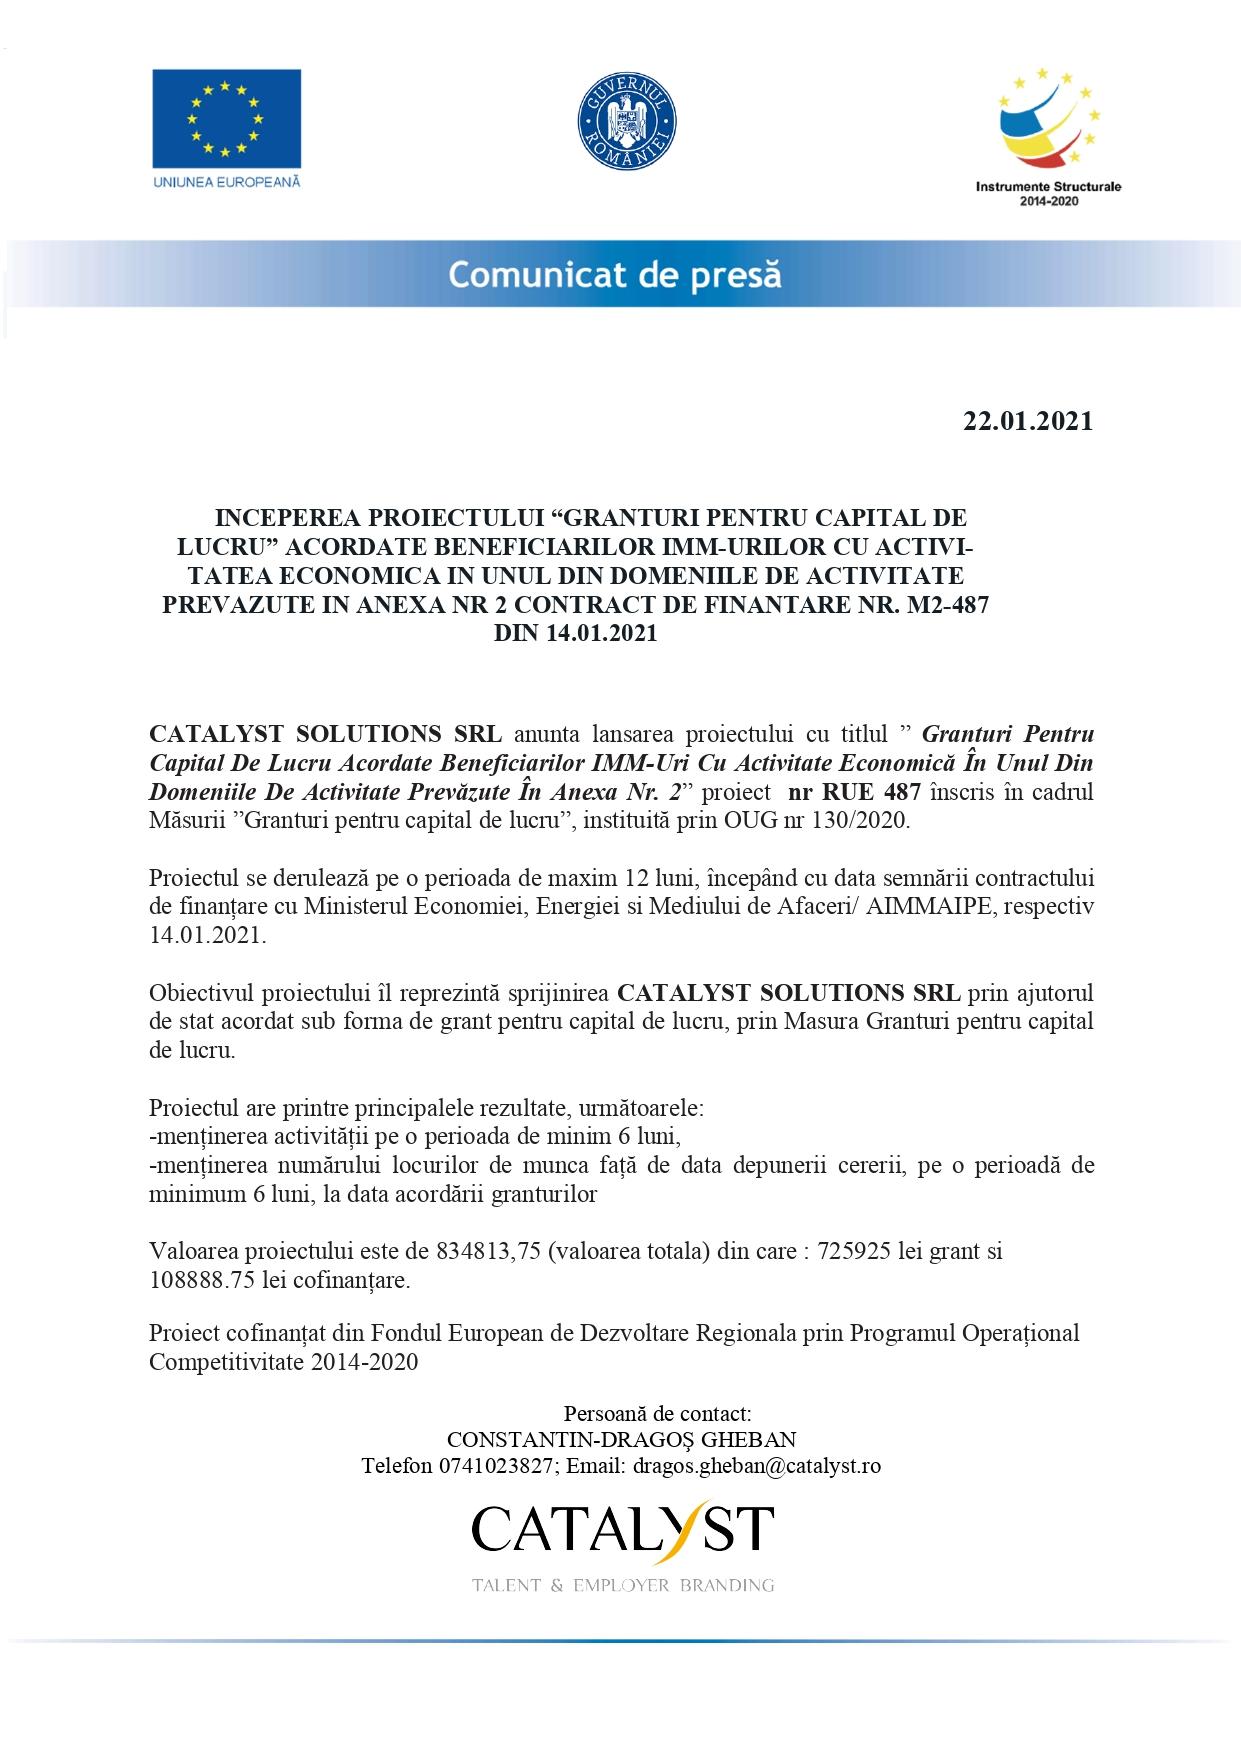 CATALYST Comunicat_de_Presa_benef-finali 2_page-0001 (1)